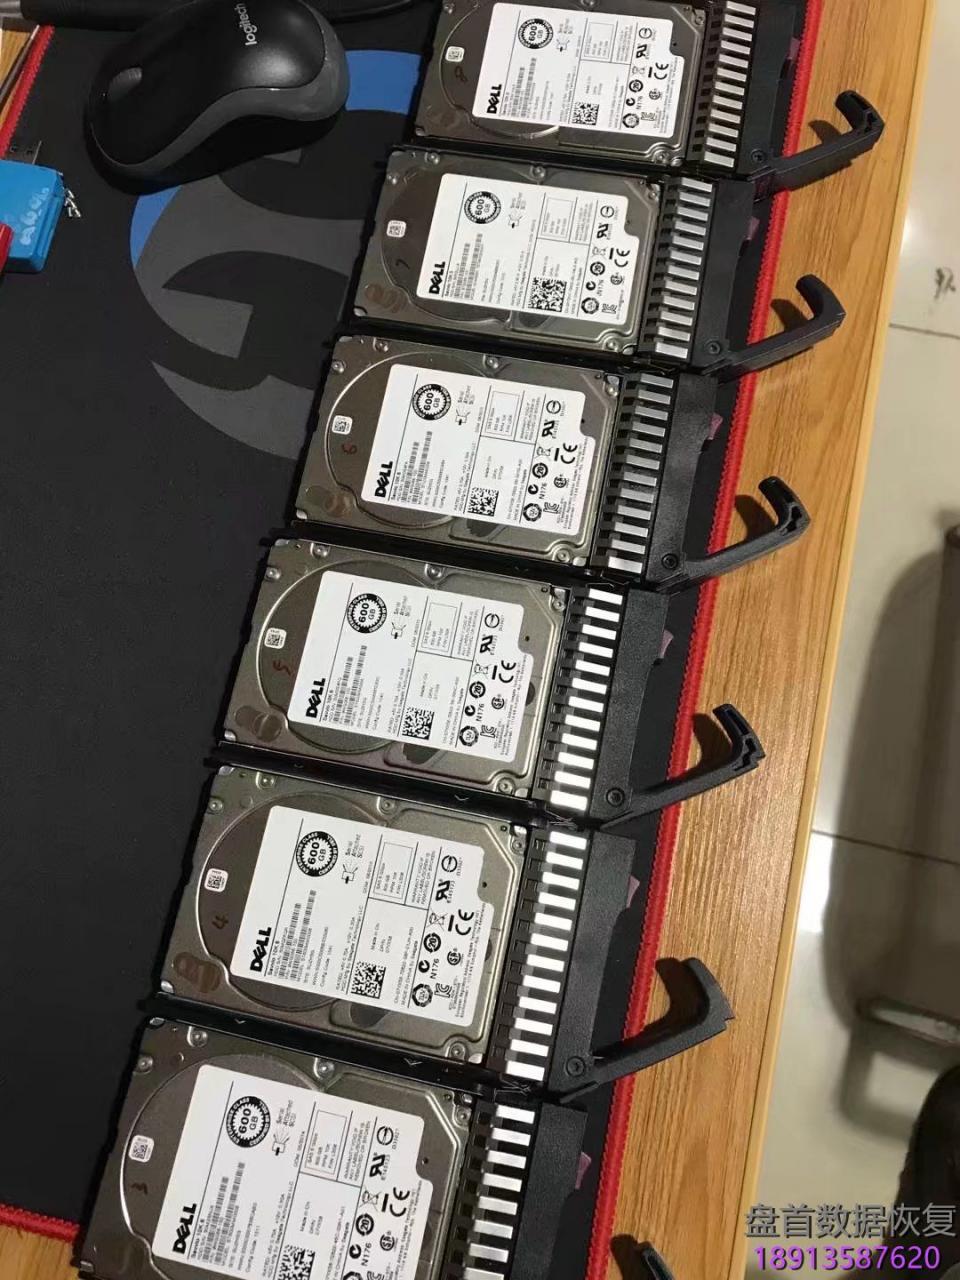 VMFS ESXI HP虚拟化服务器存储